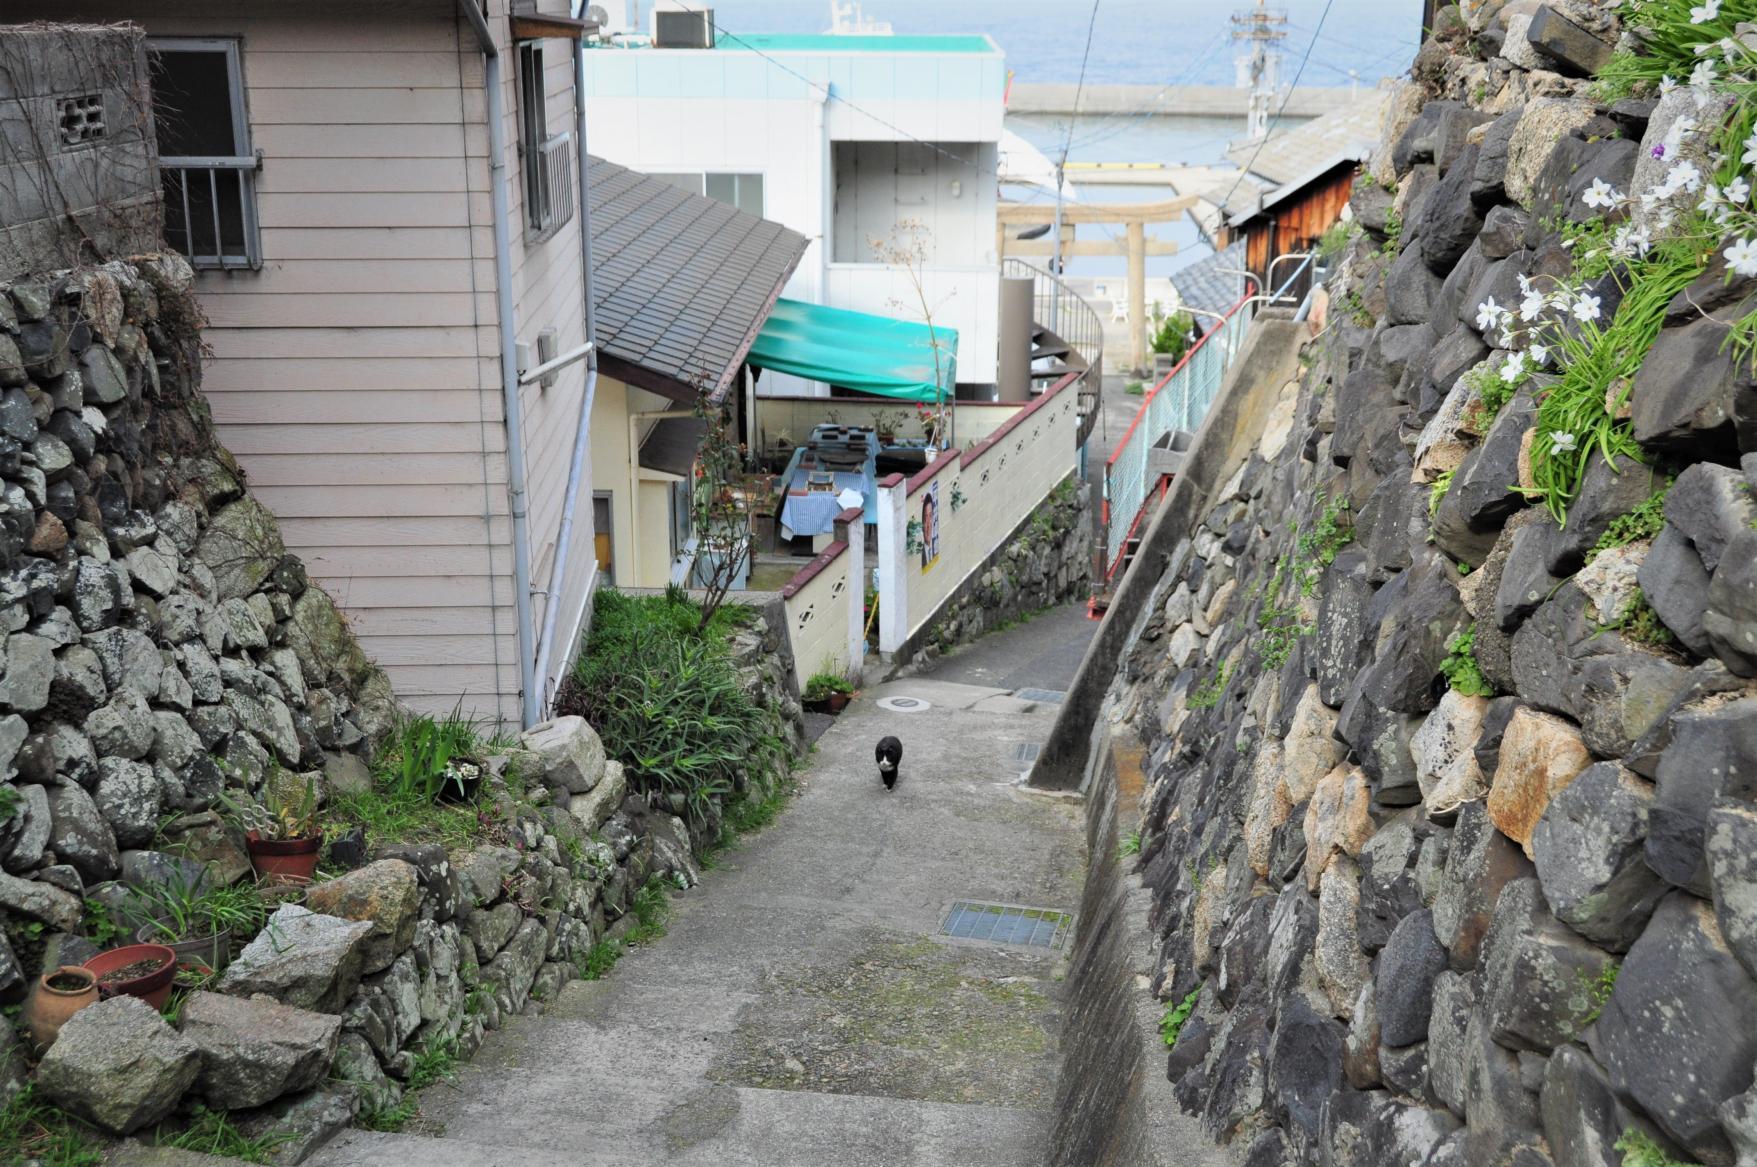 Ogijima: Labyrinthine Streets and Eye-catching Art-1